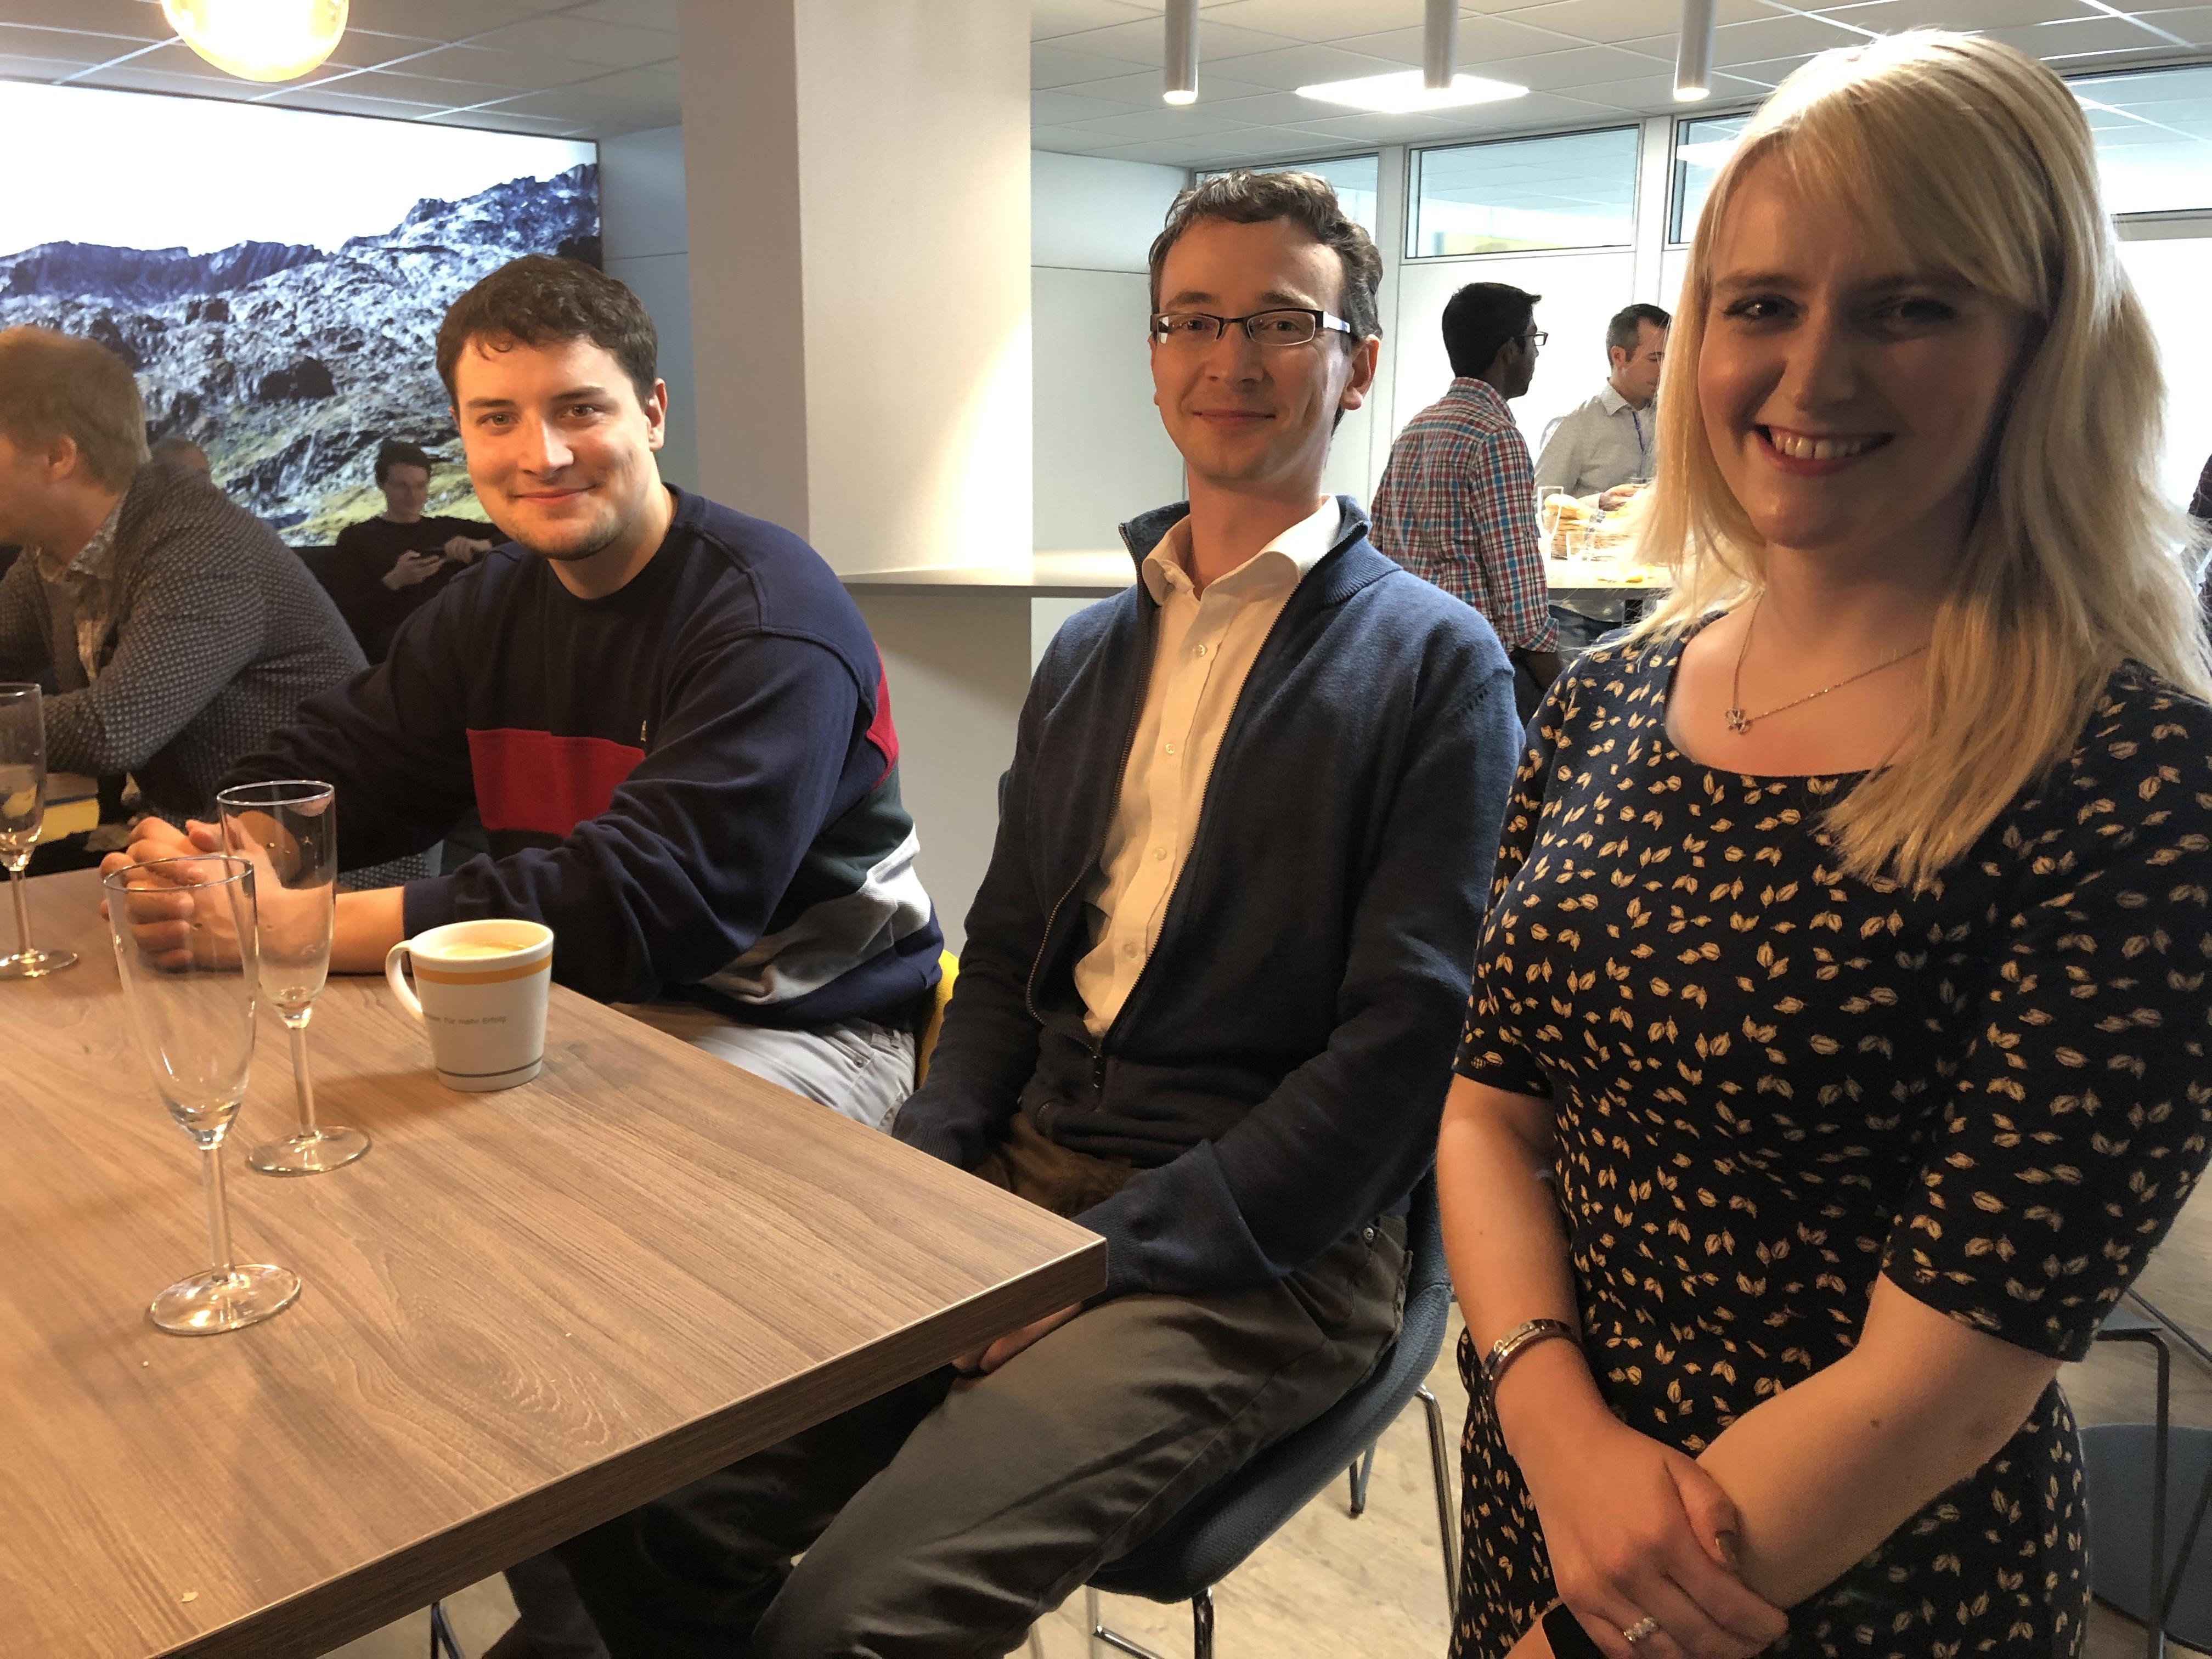 News Foto Einweihung Lounge 11 - Gepflegt chillen und arbeiten: Innovabee weiht neue Lounge ein